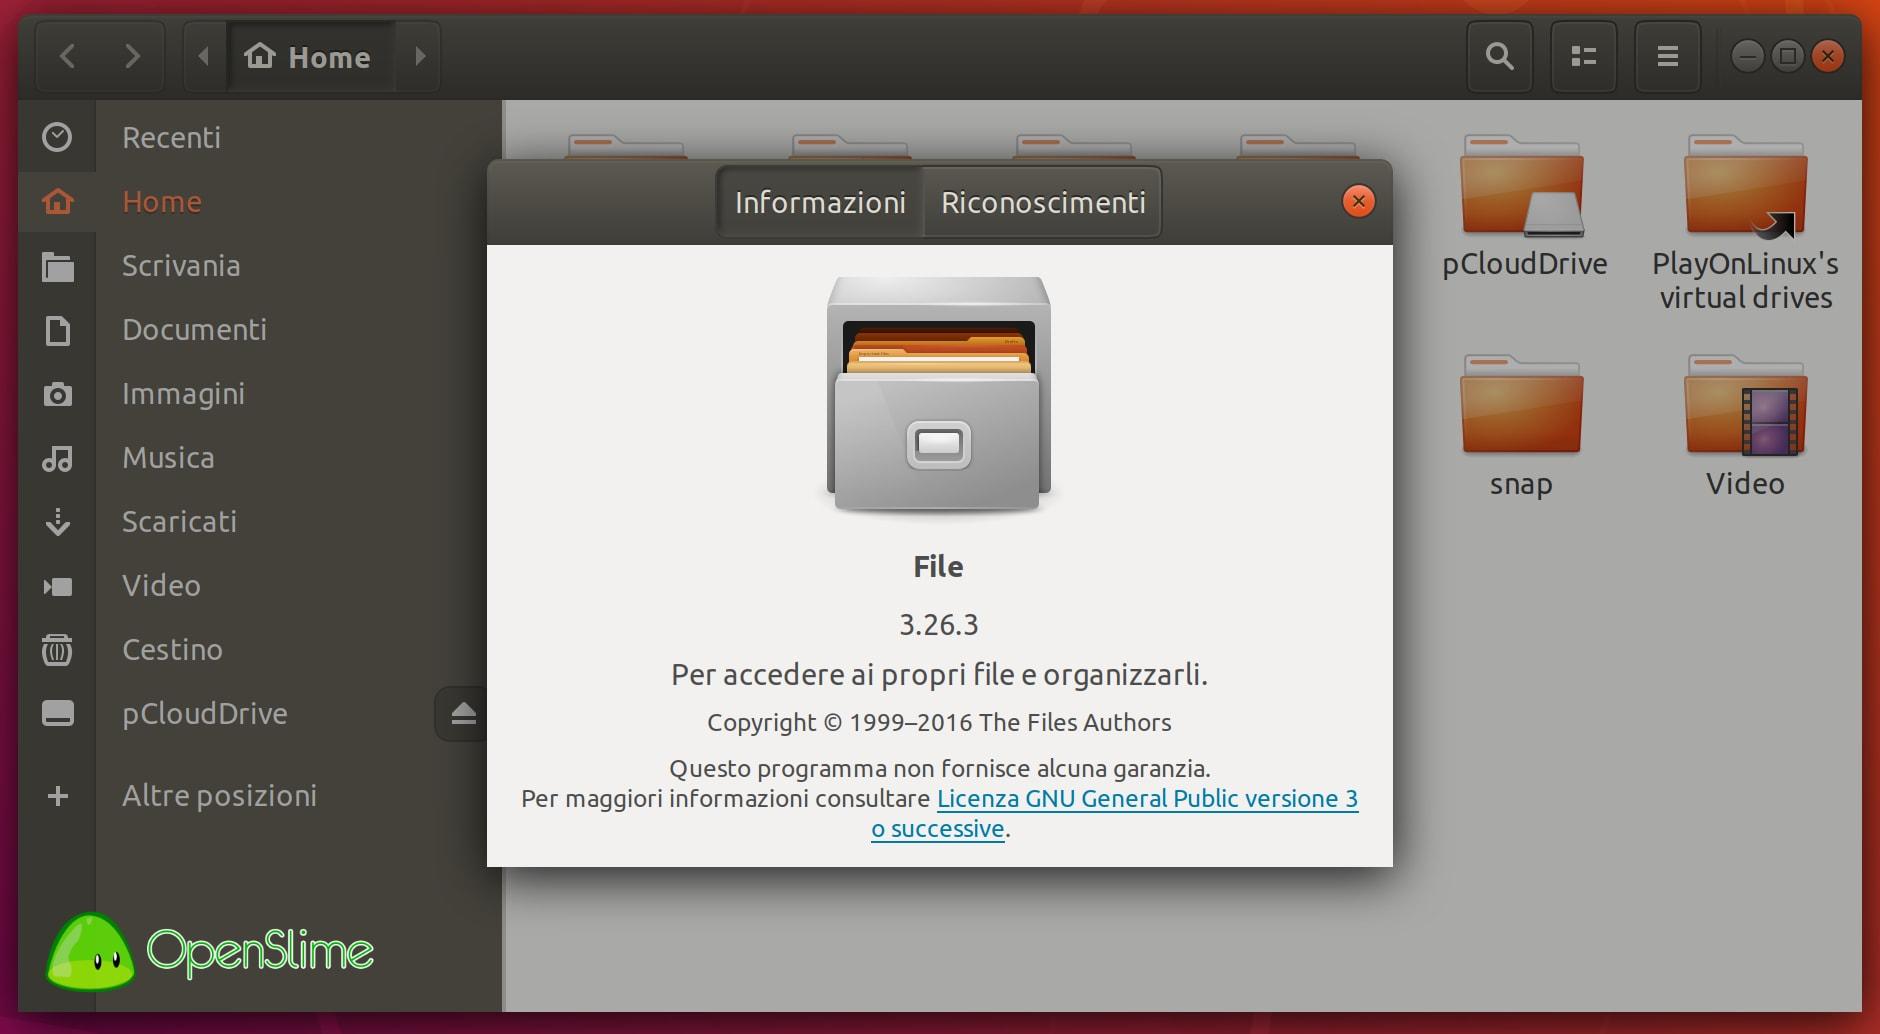 nautilus-2 - Recensione Ubuntu 18.04.1 LTS Bionic Beaver